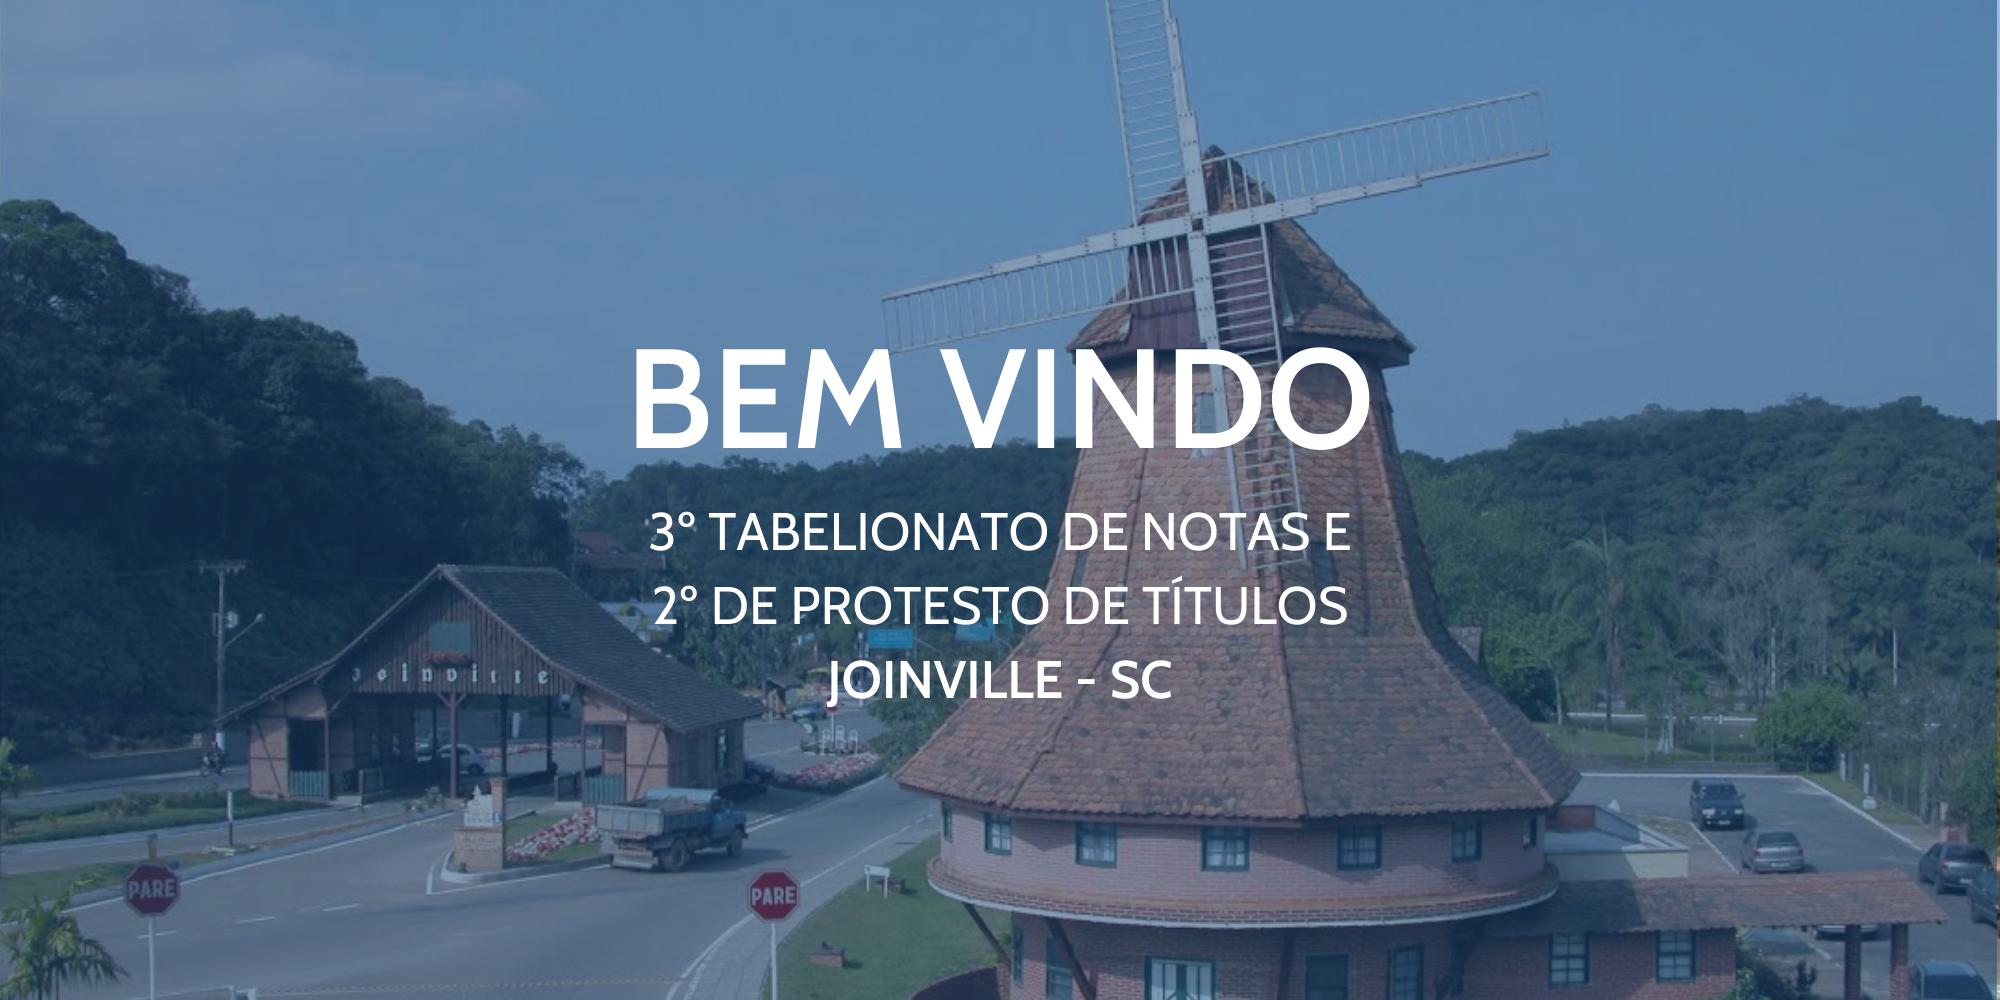 Tabelionato W Souza